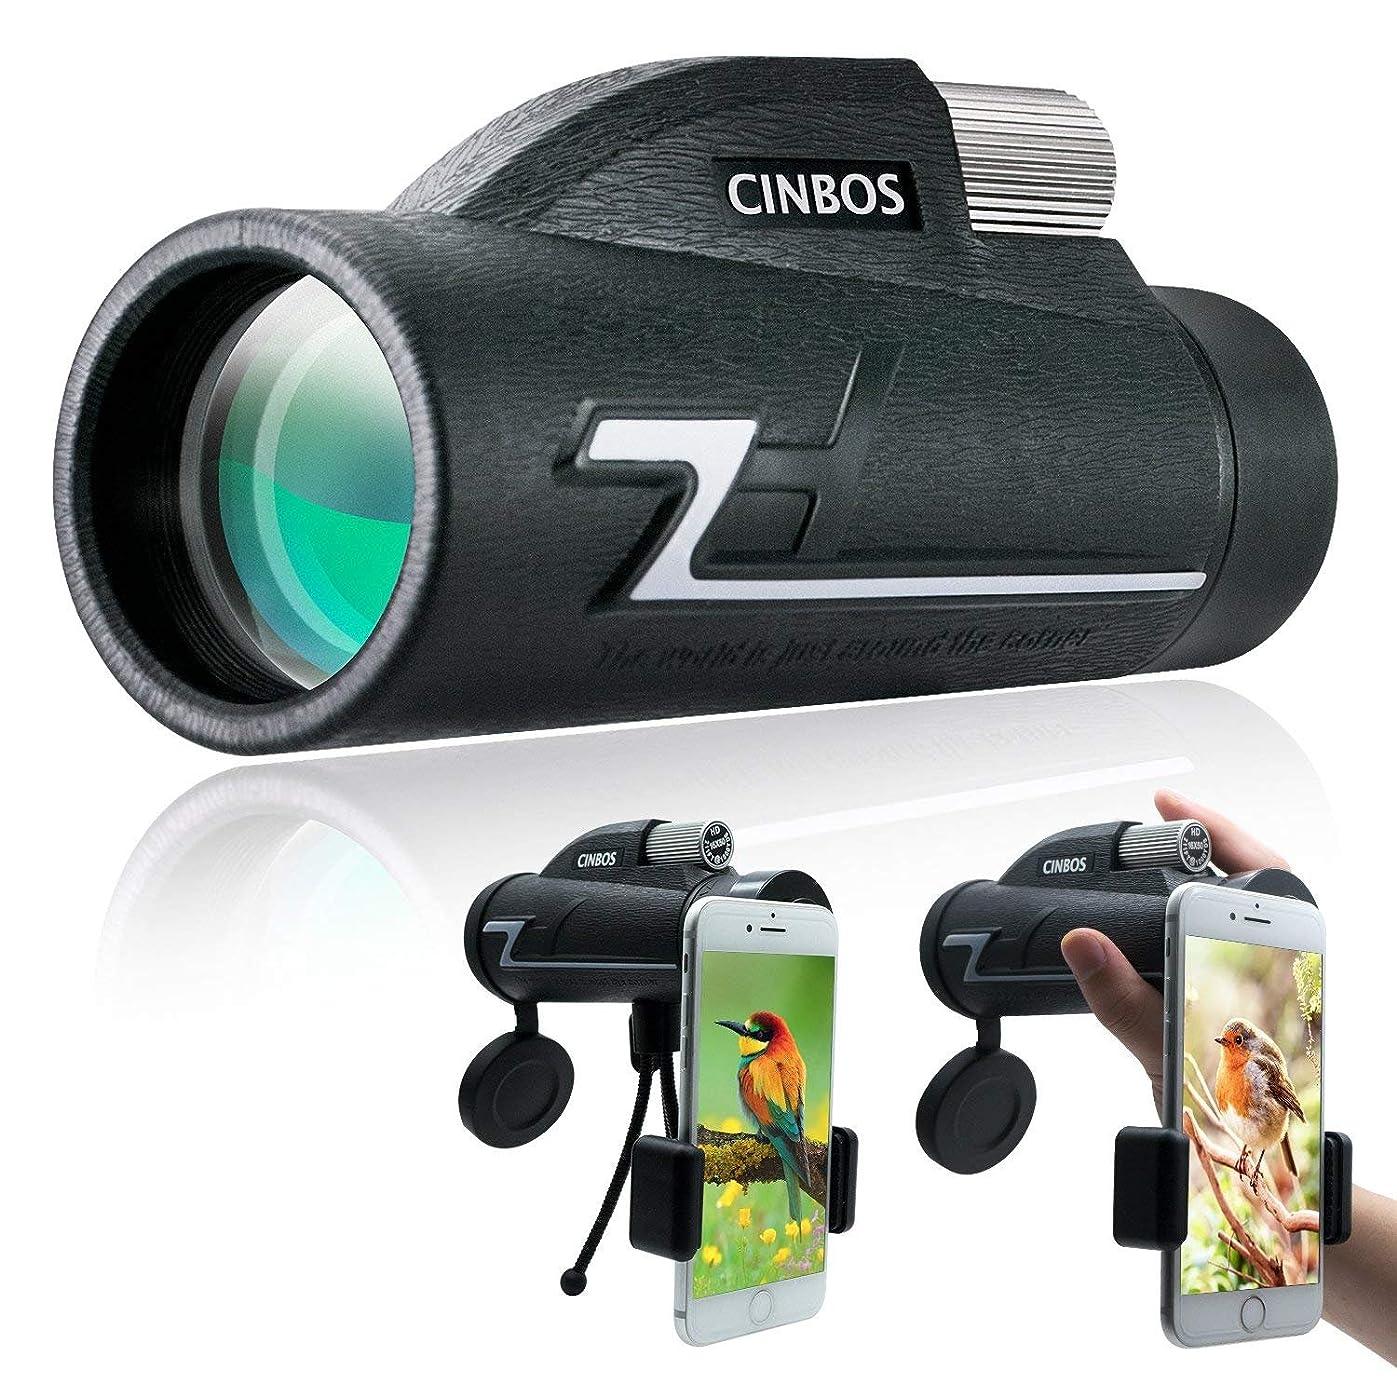 取るに足らない崩壊設置単眼鏡 16x50 高倍率 単眼望遠鏡、スマホホルダーと三脚付き、防水?曇り止め、 高画質 FMC多層コーティング、BAK4光学プリズム 片手でピント合わせ、鳥観察、遠足、キャンプ、旅行、モニタリング、コンサートなど、さまざまなアウトドア活動で活躍できます